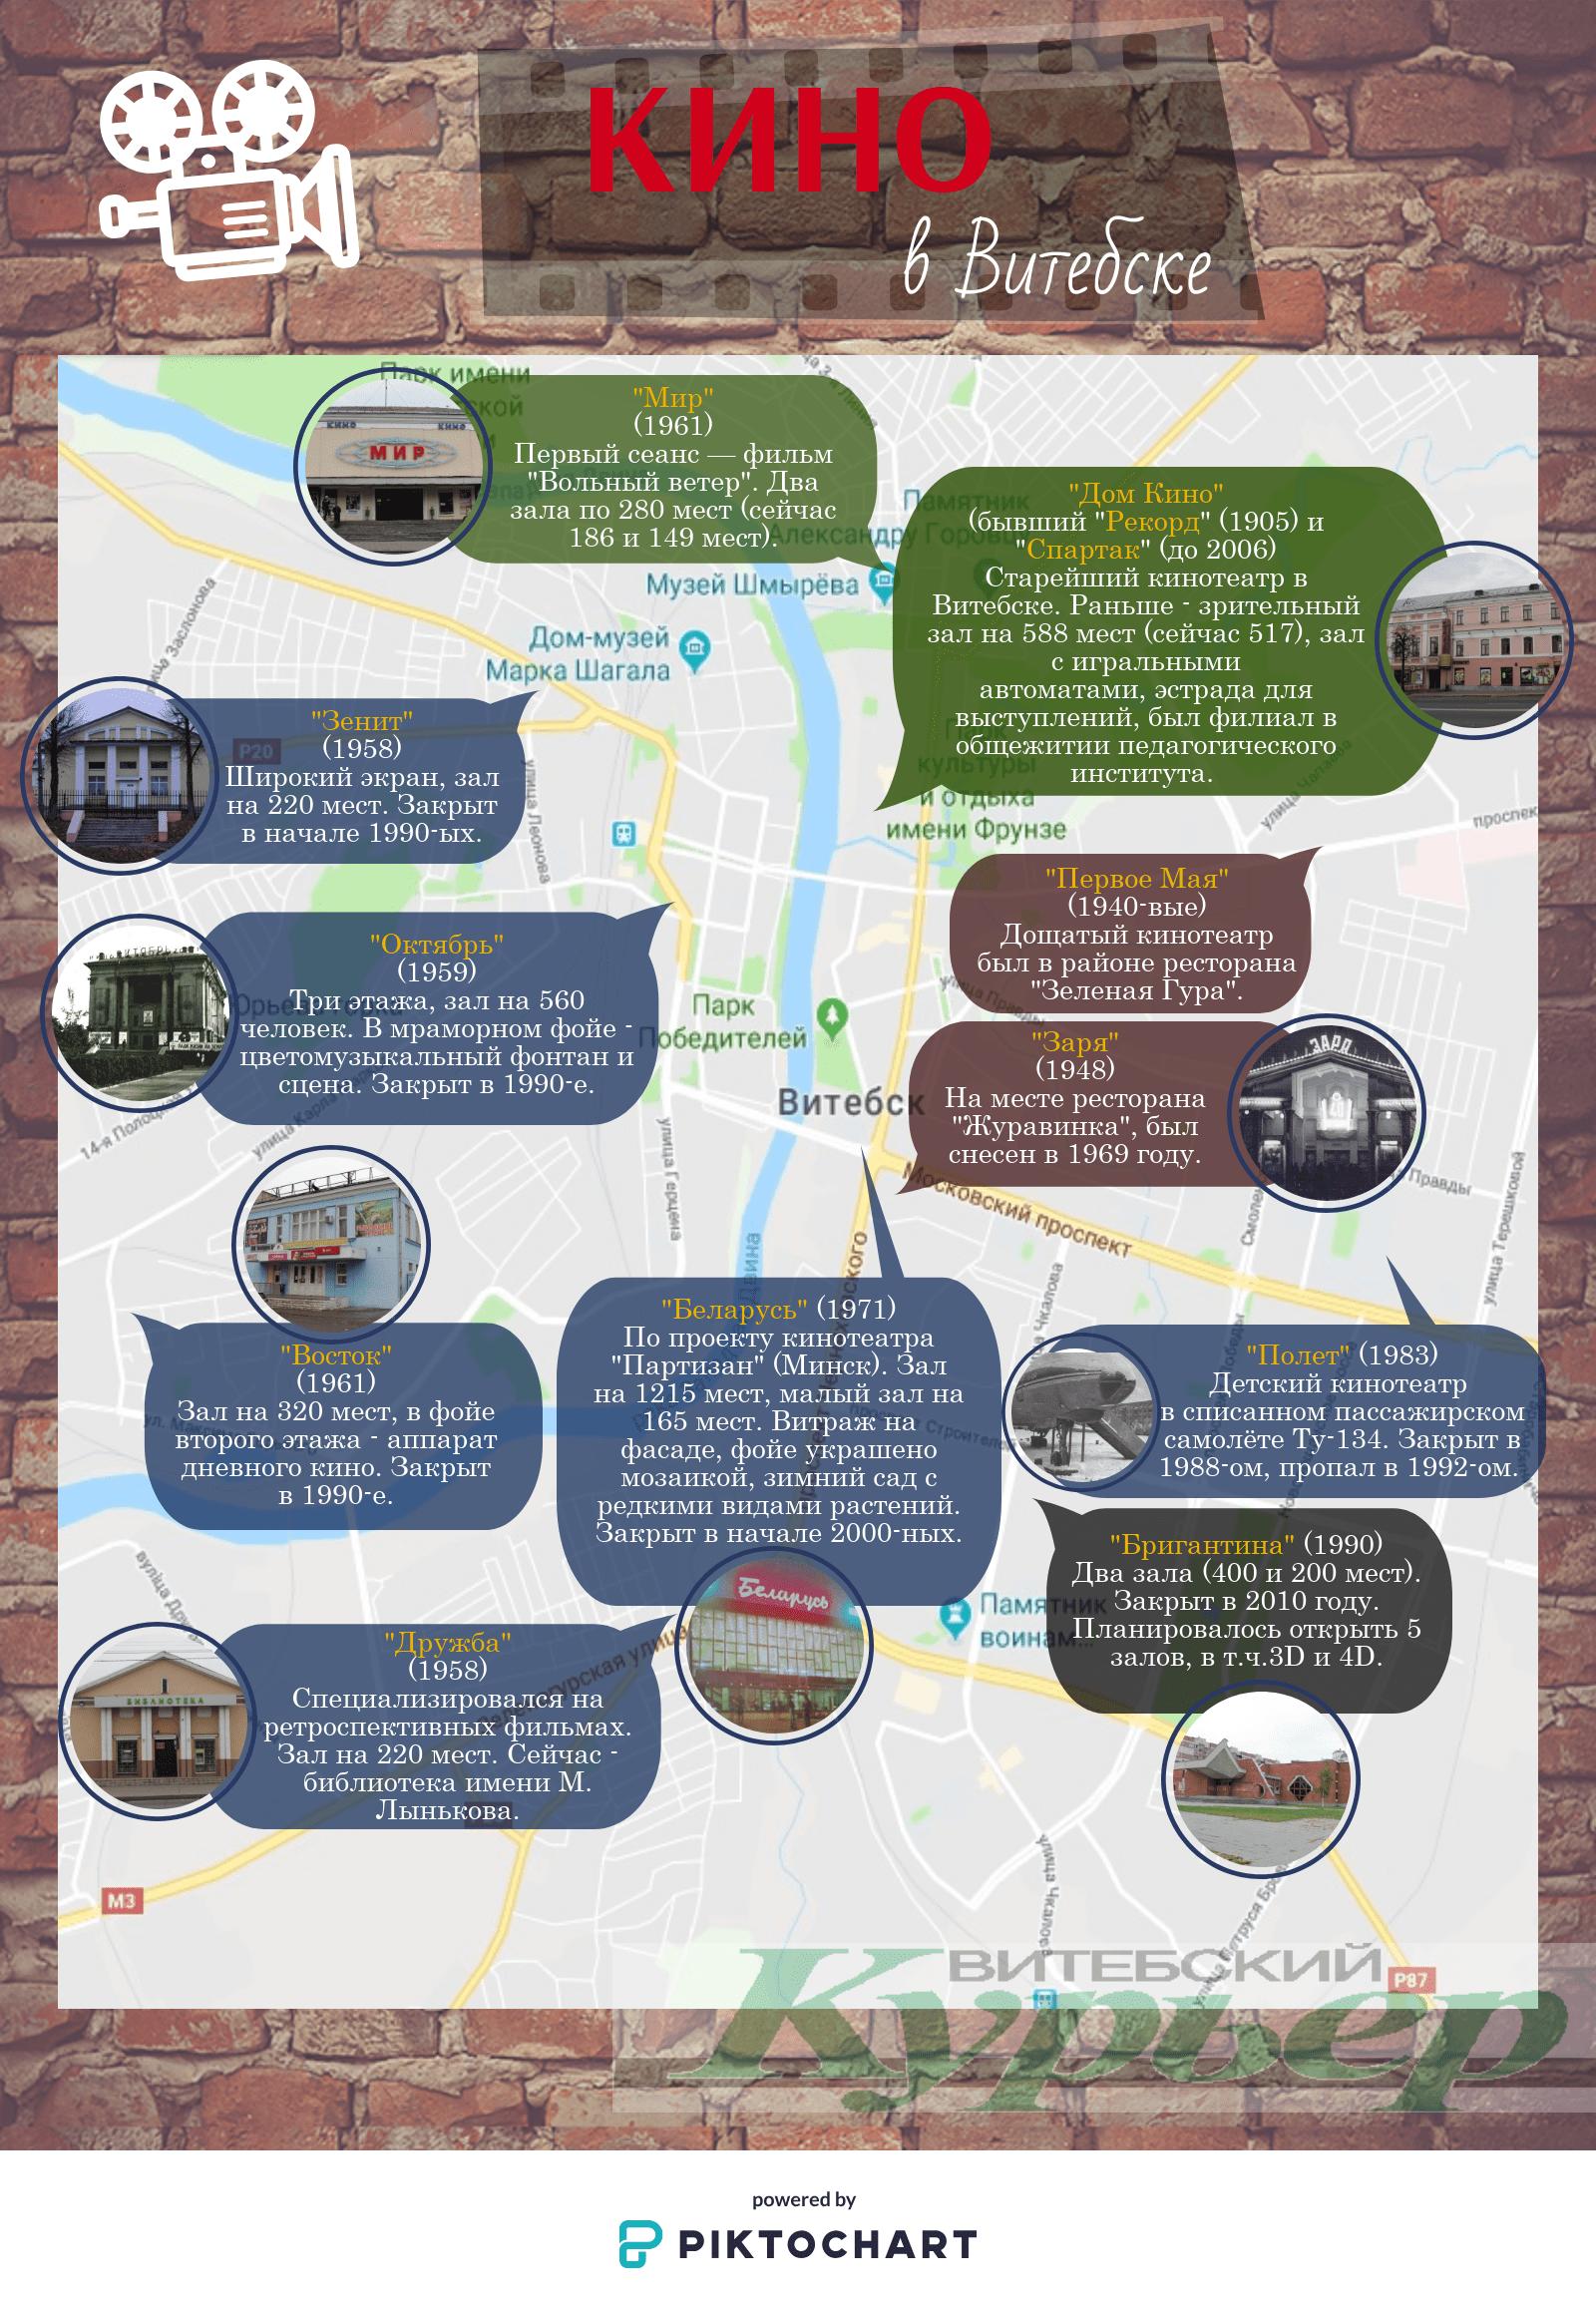 11 кинотеатров Витебска на карте